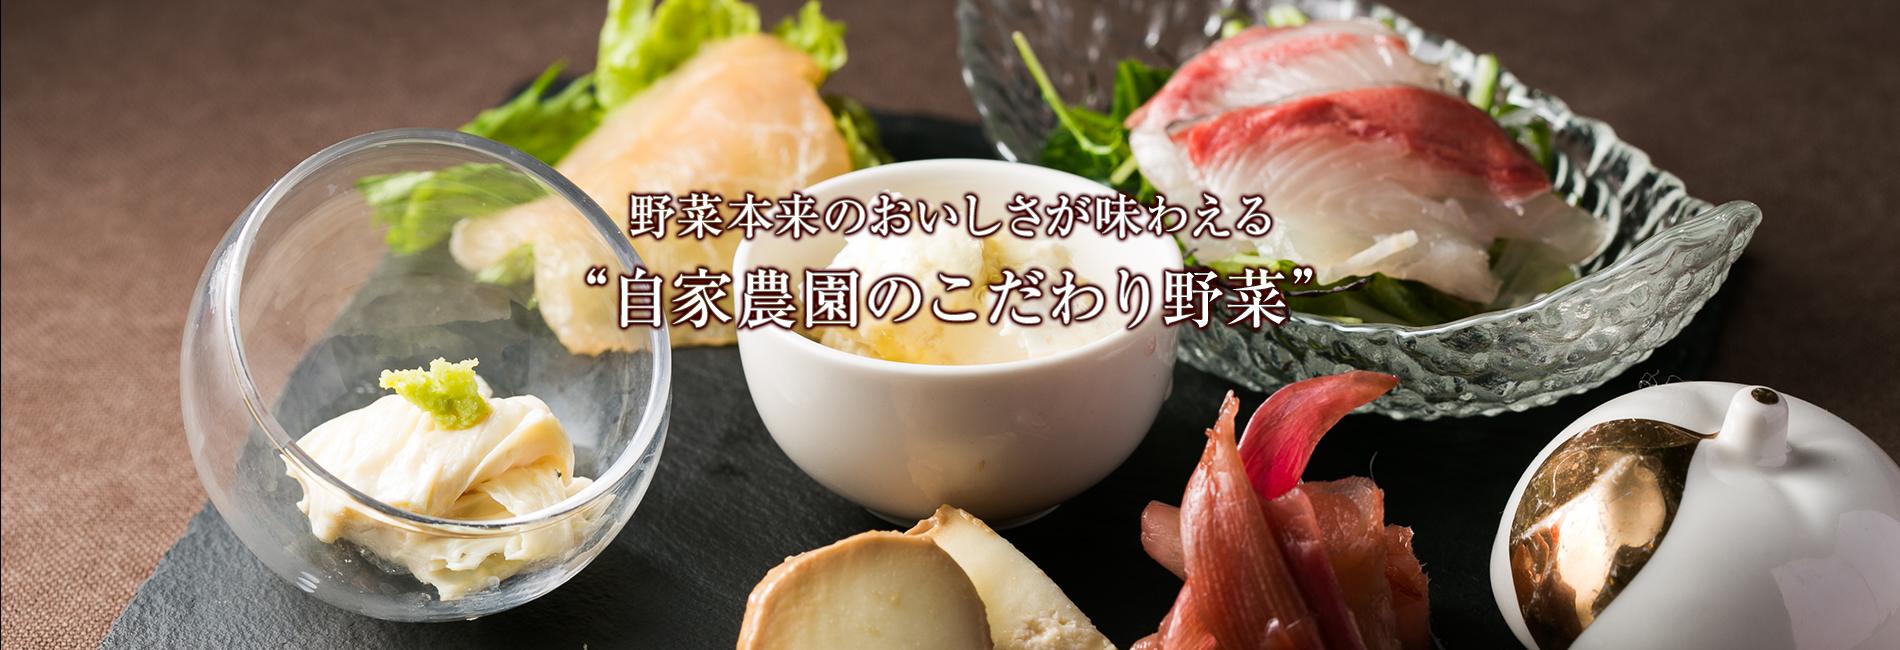 """野菜本来のおいしさが味わえる 自家農園のこだわり野菜"""""""